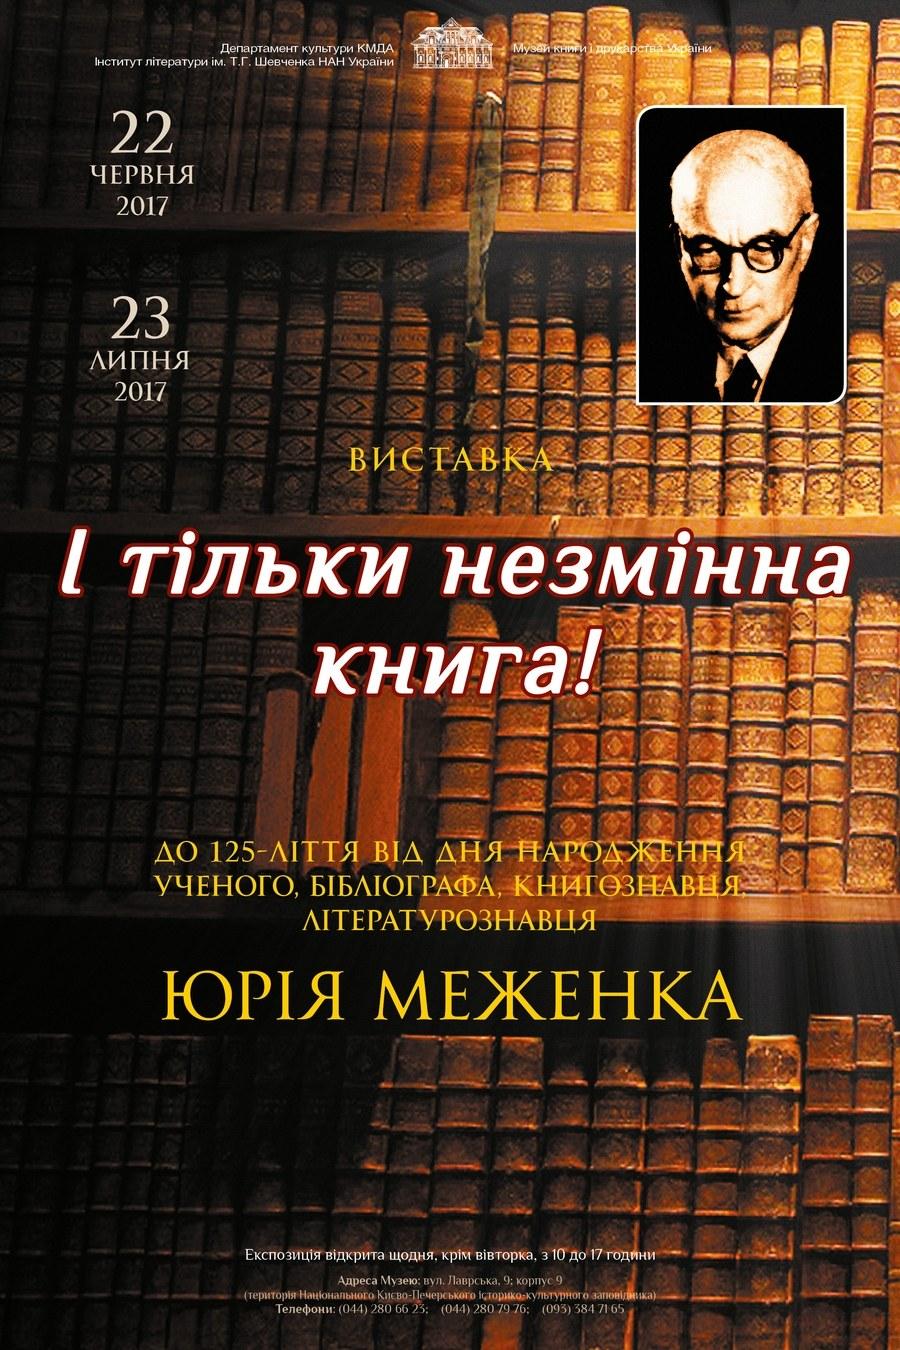 Виставка «І тільки незмінна книга!»